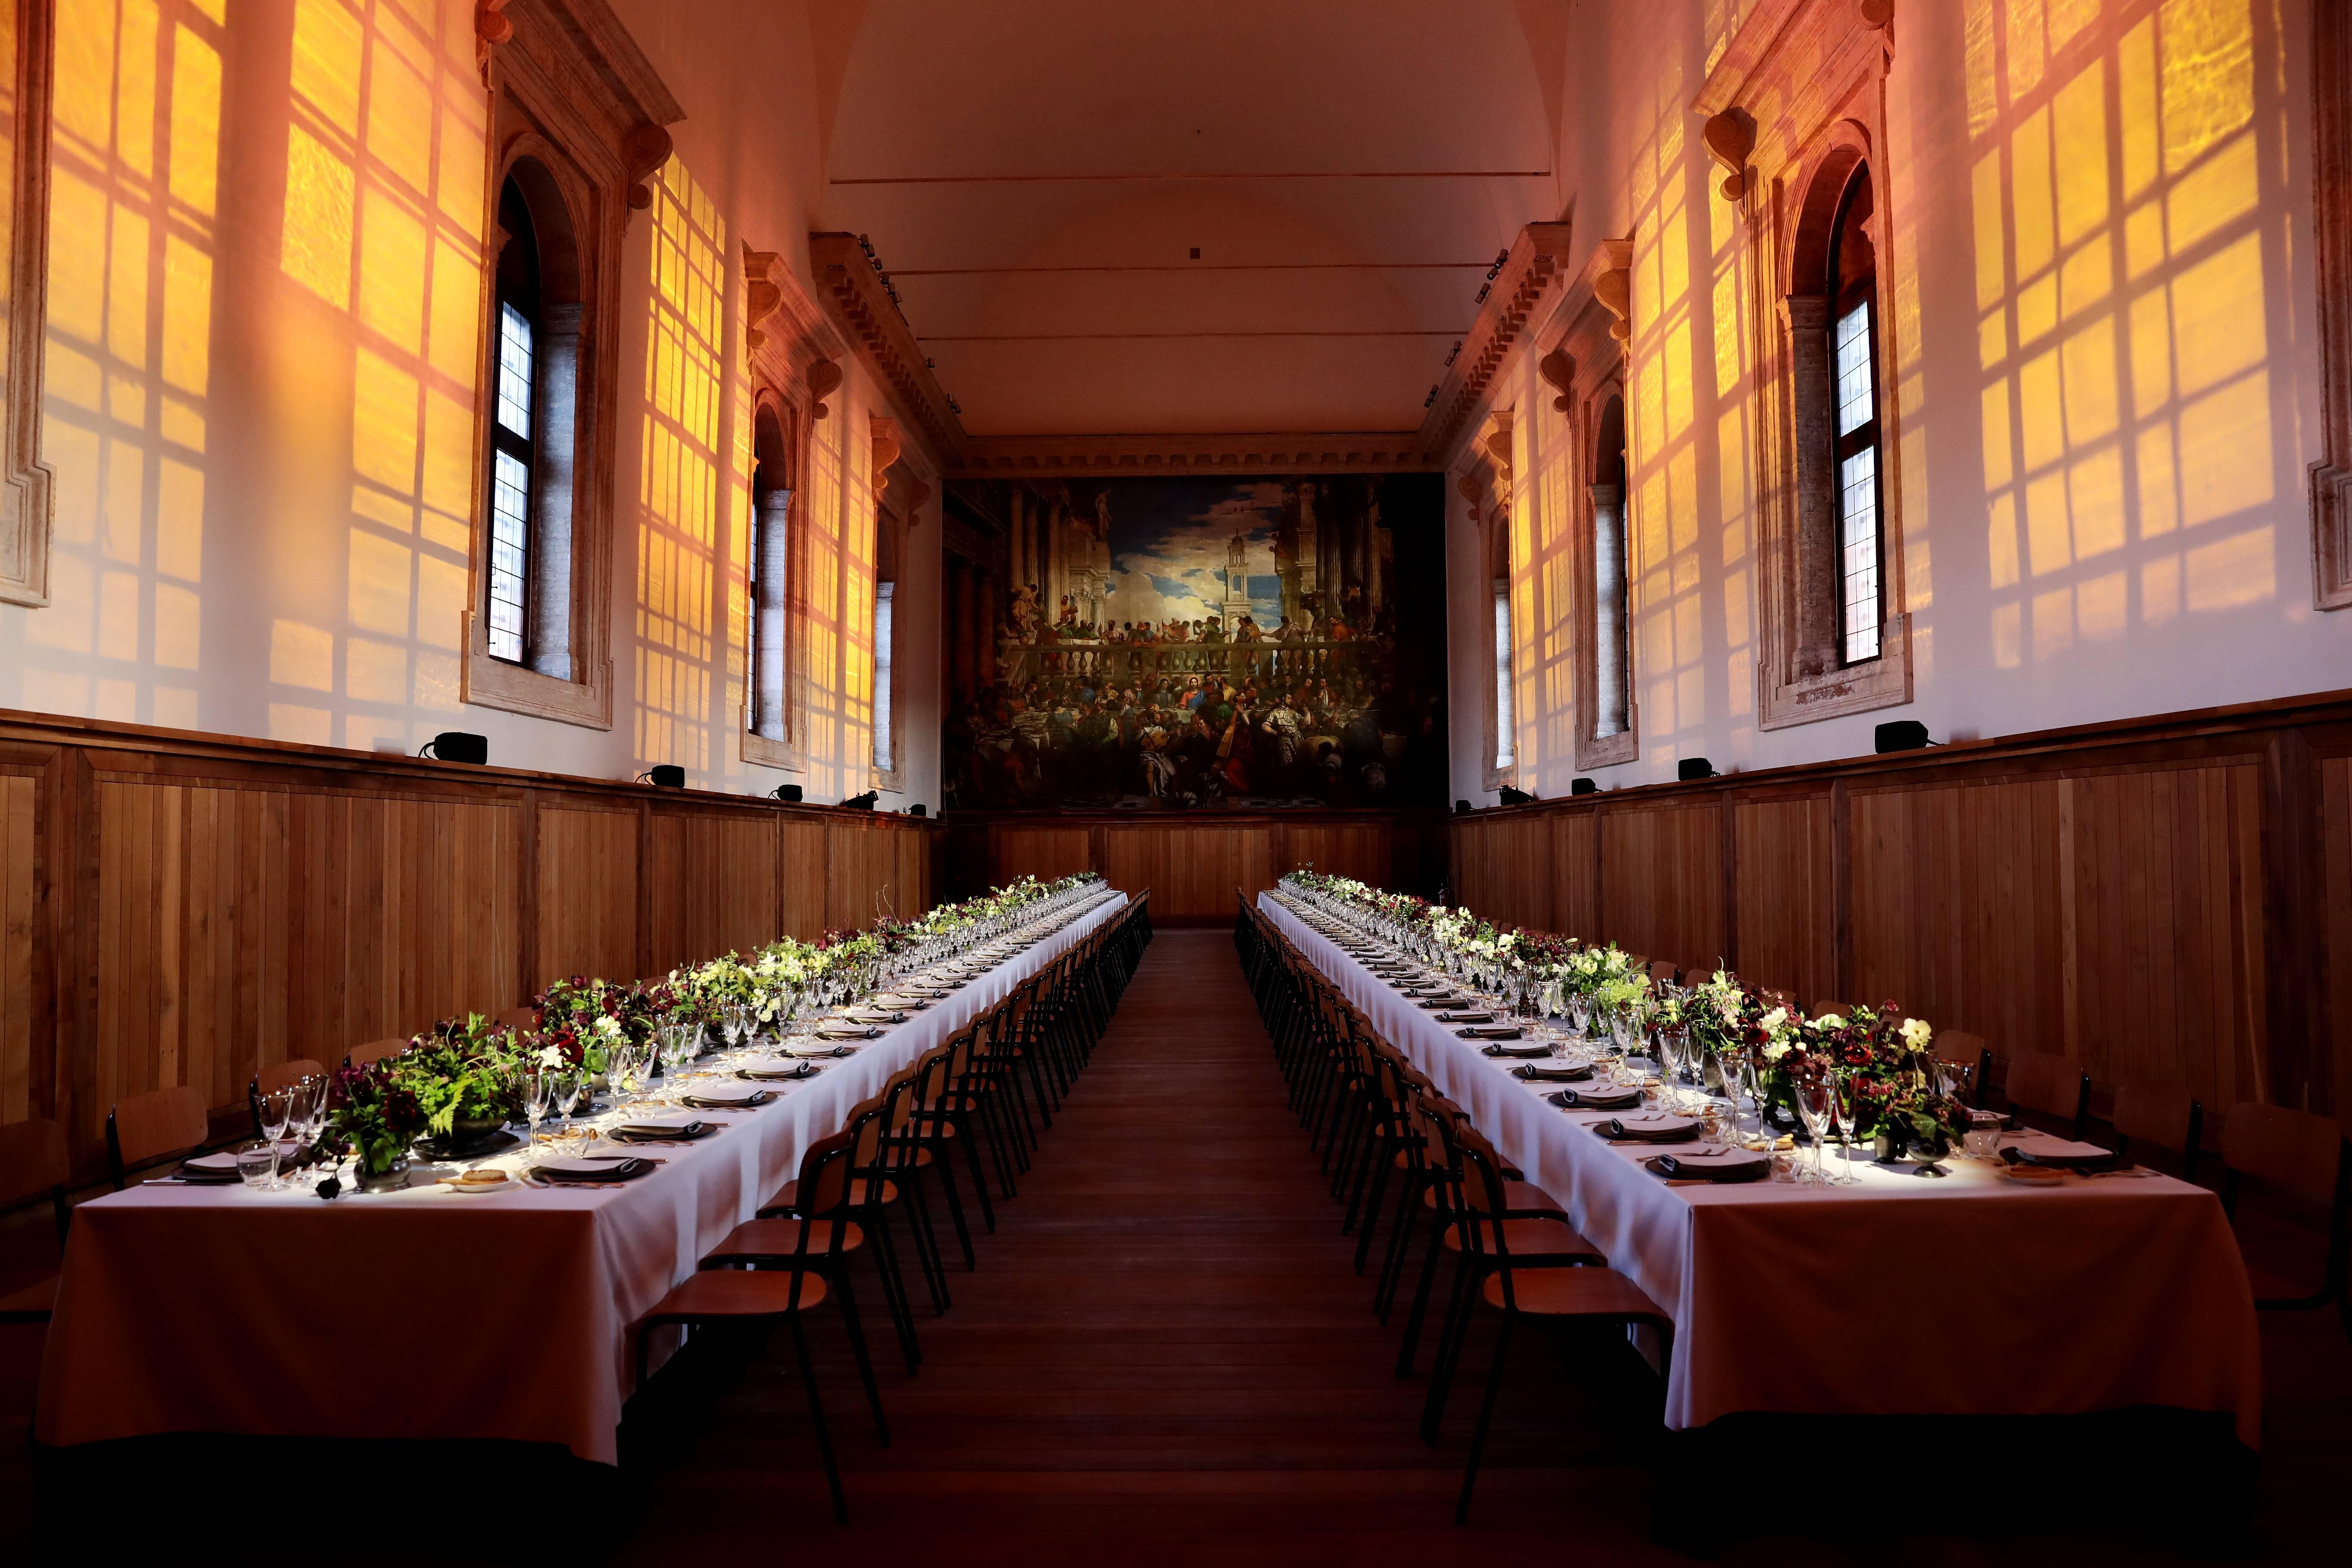 O jantar aconteceu no 'Cenacolo Palladiano'. (crédito: divulgação).